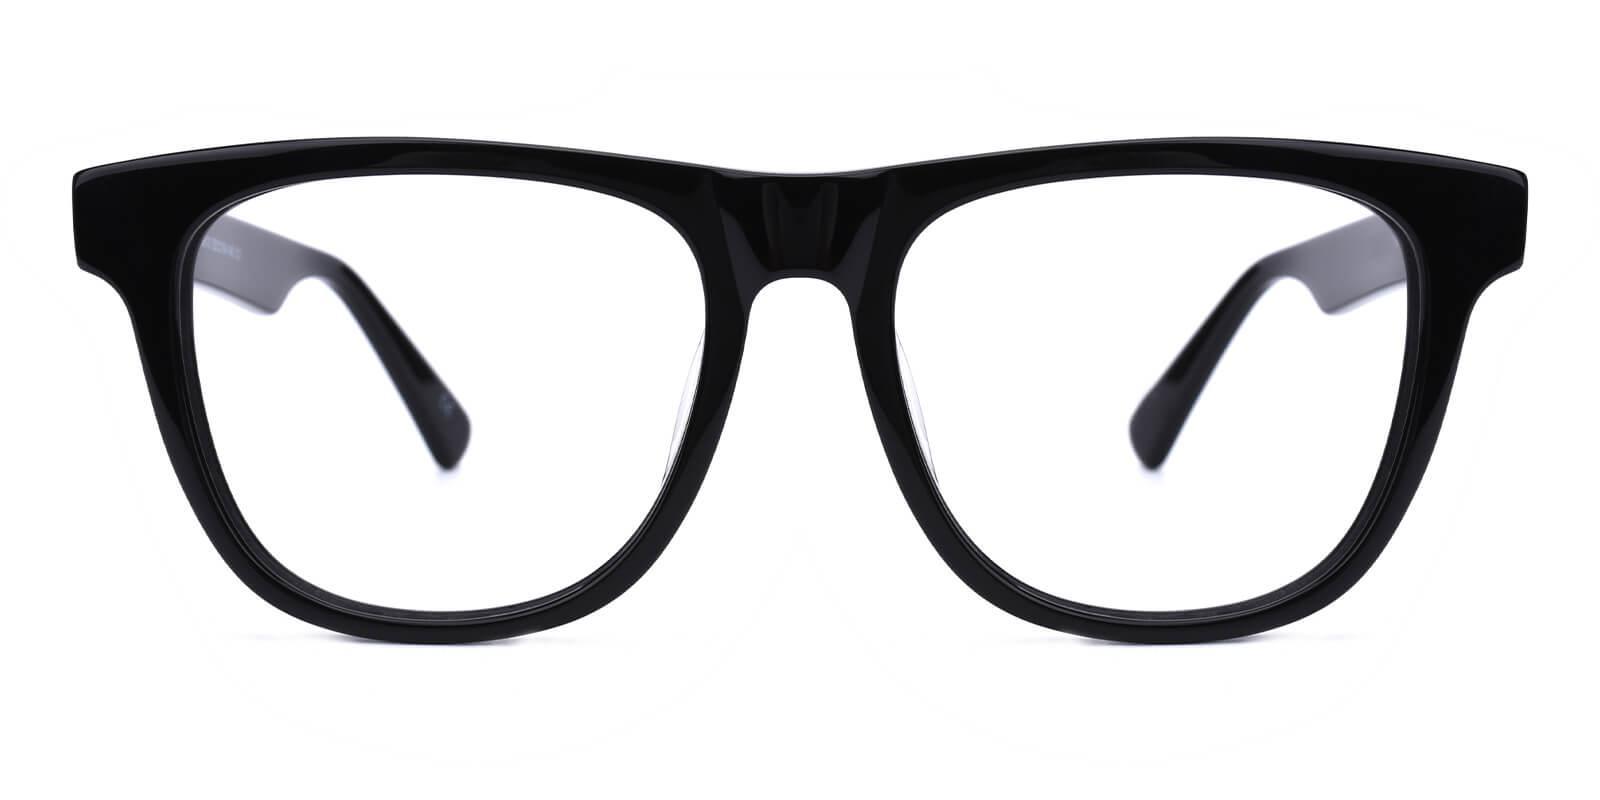 Masque-Black-Square-Acetate-Eyeglasses-additional2